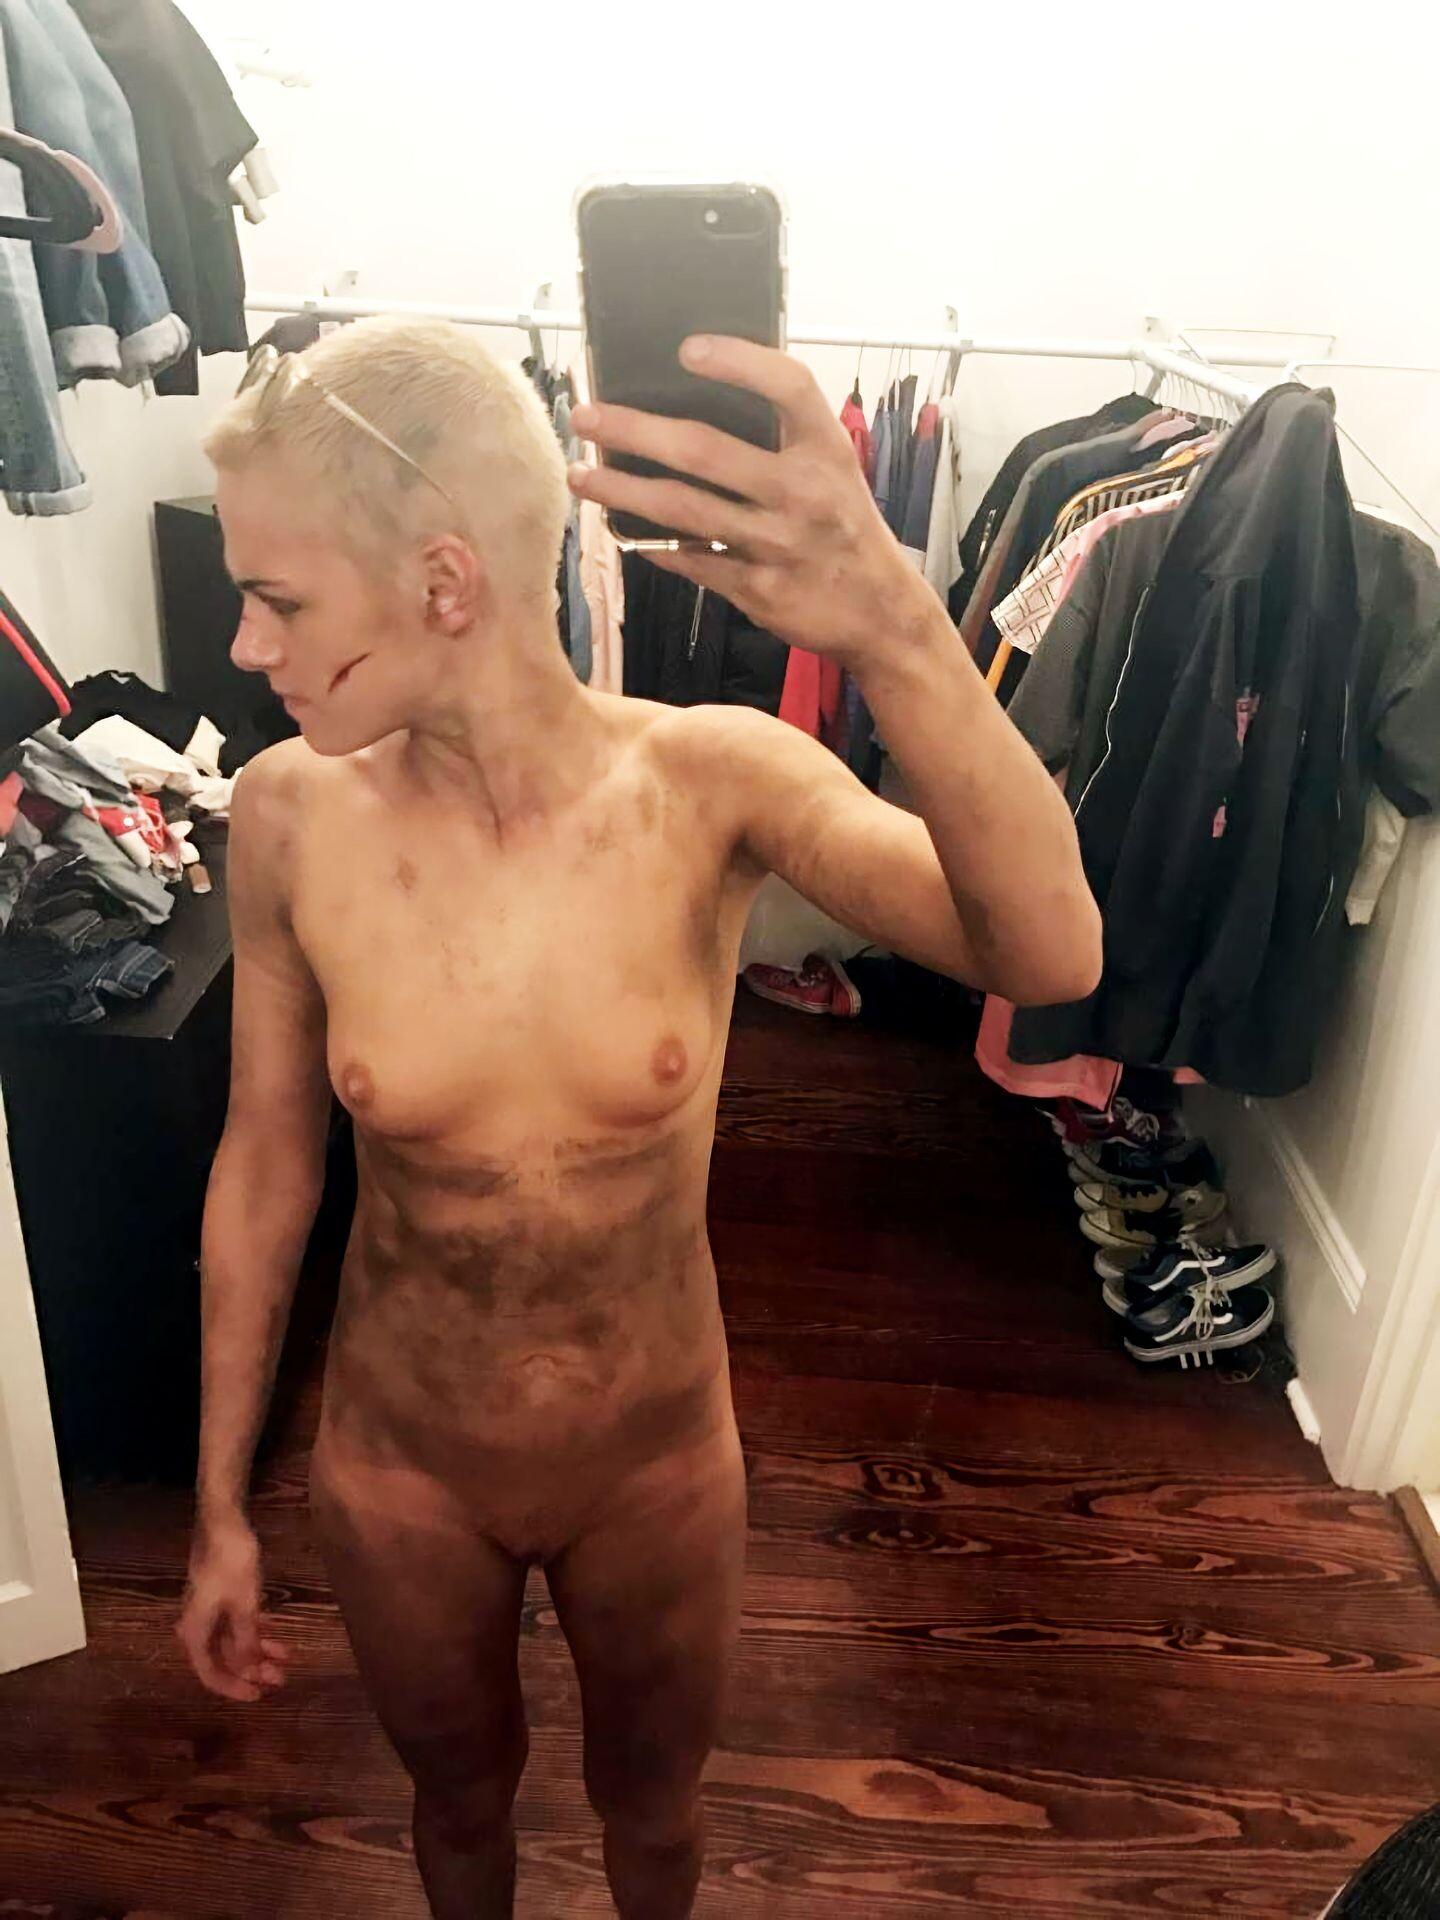 Kristen Stewart Nude Leaked 92 fappenings.com